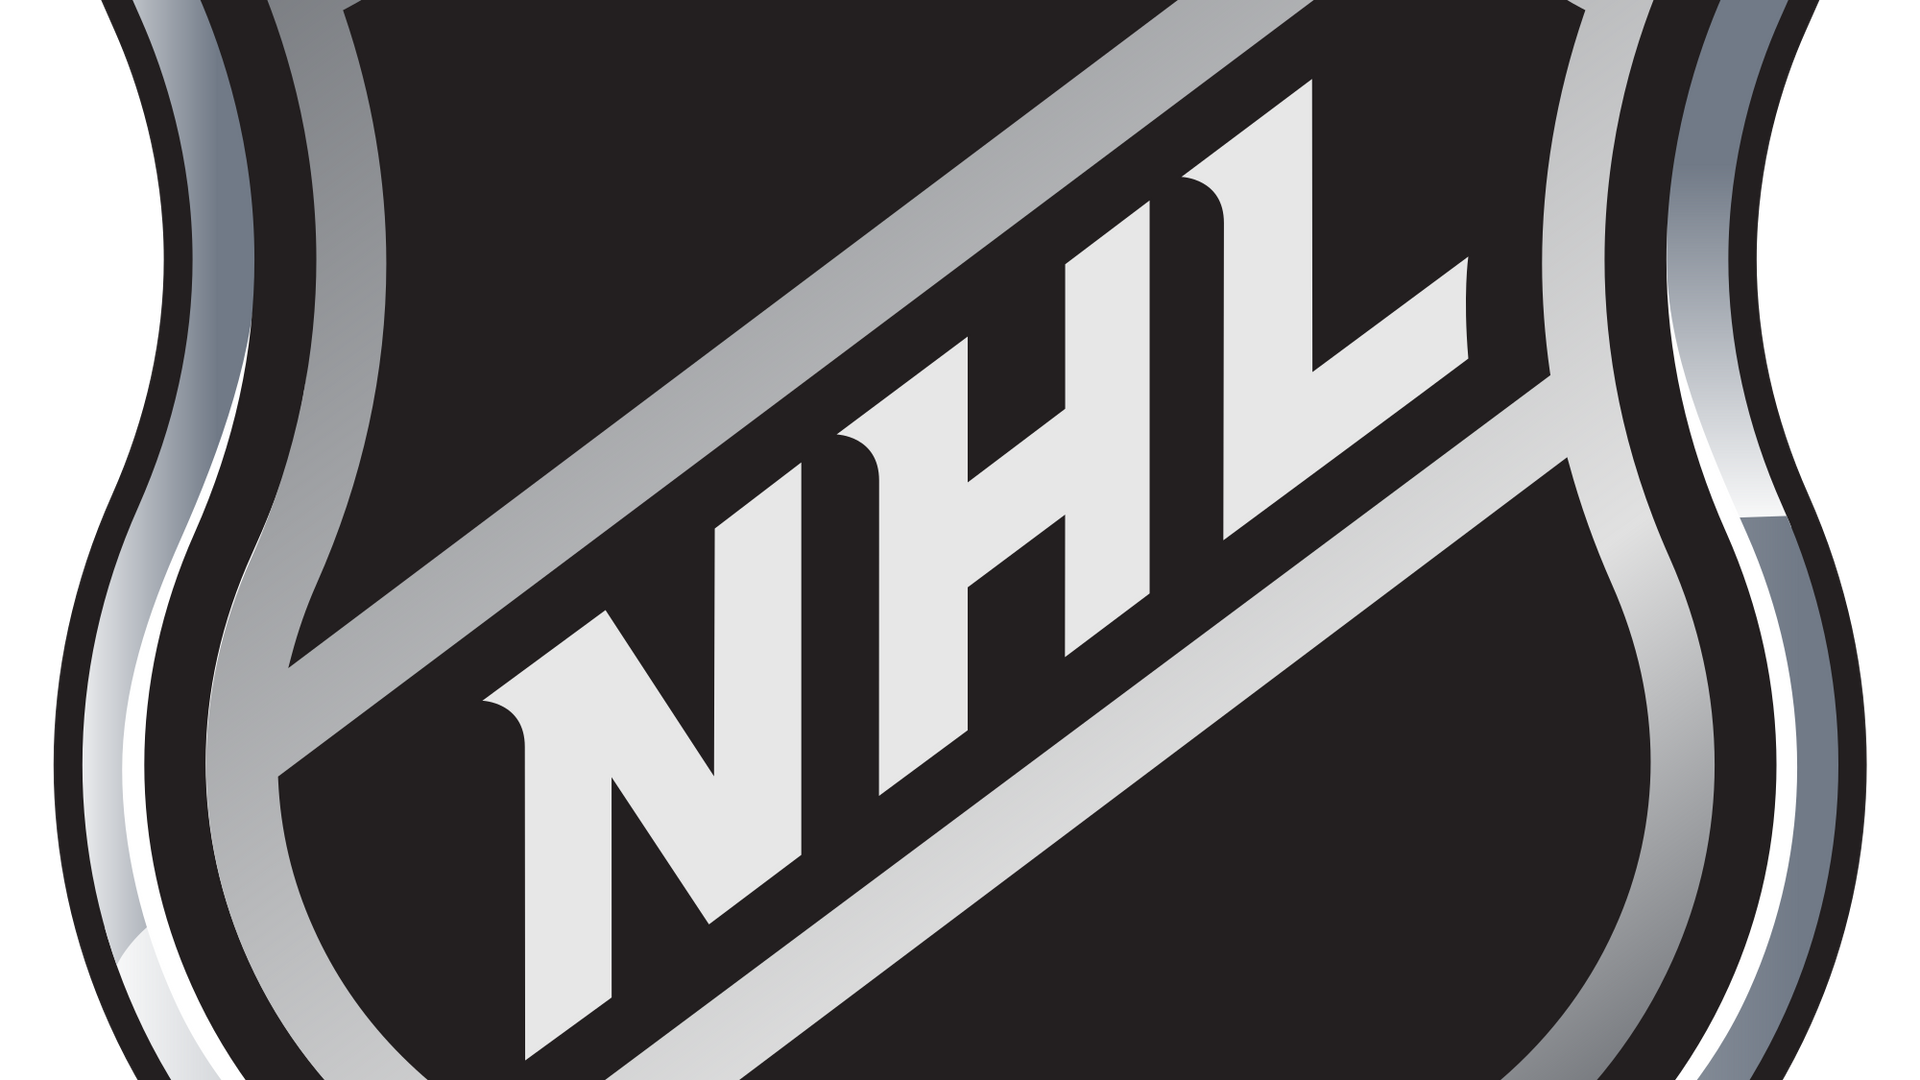 Логотип Национальной хоккейной лиги - РИА Новости, 1920, 14.09.2020